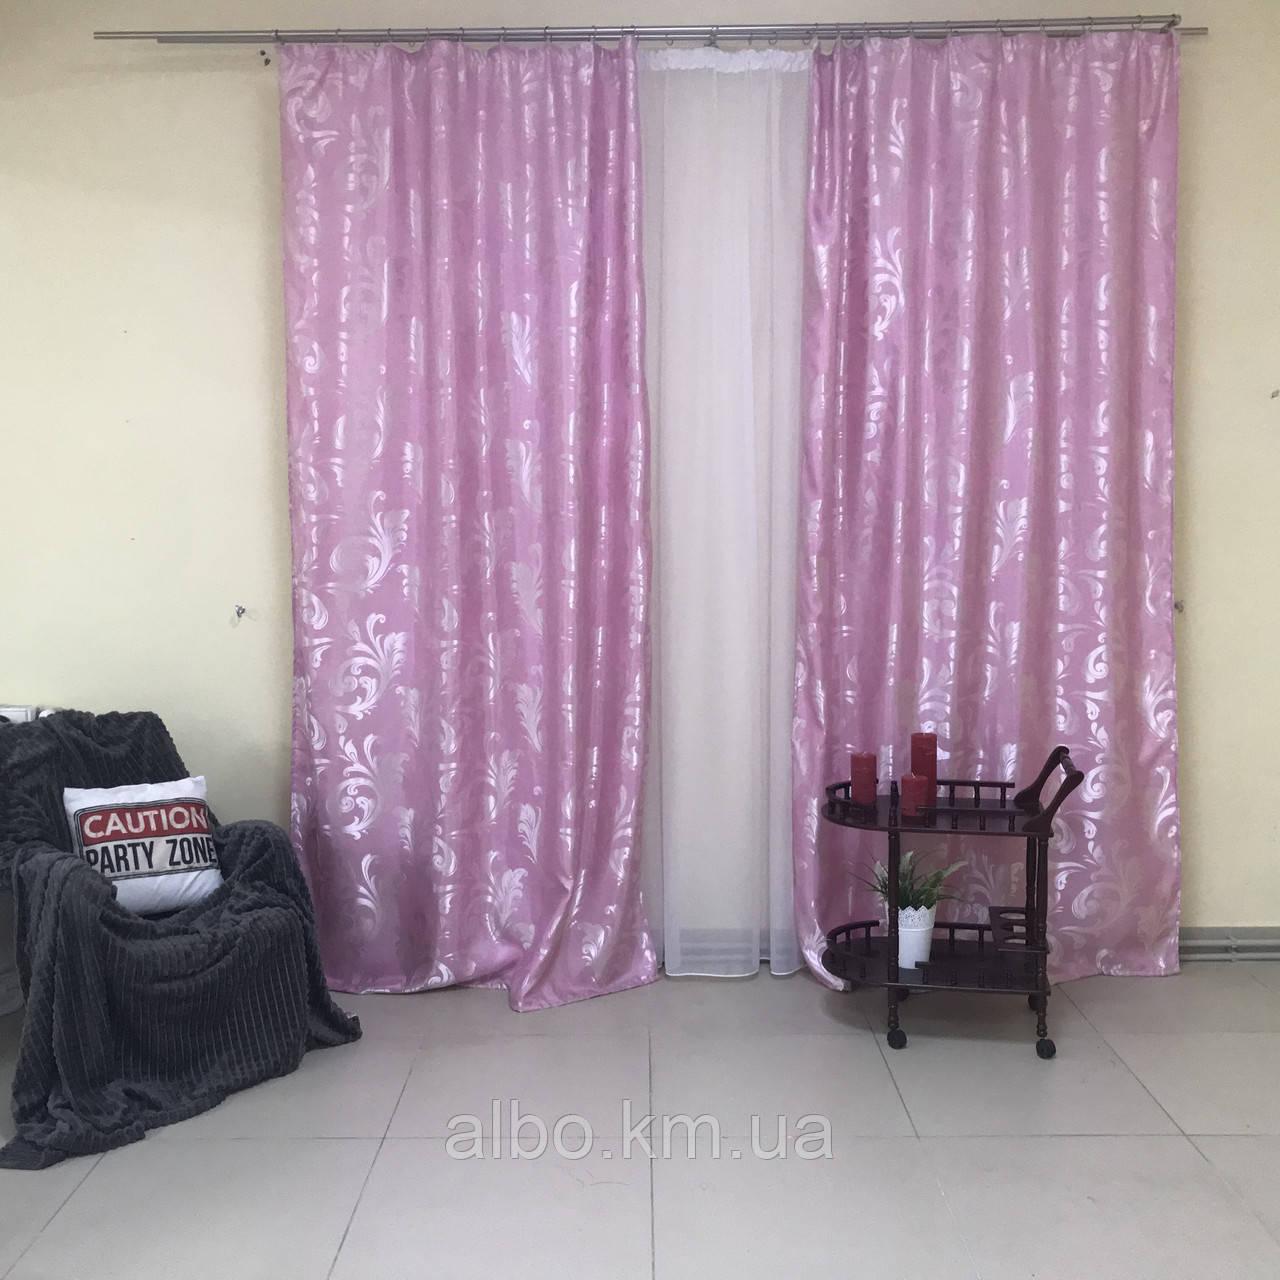 Шторы на двери из жаккарда ALBO 150x270 cm (2 шт) Розовые(SH-С32-13)